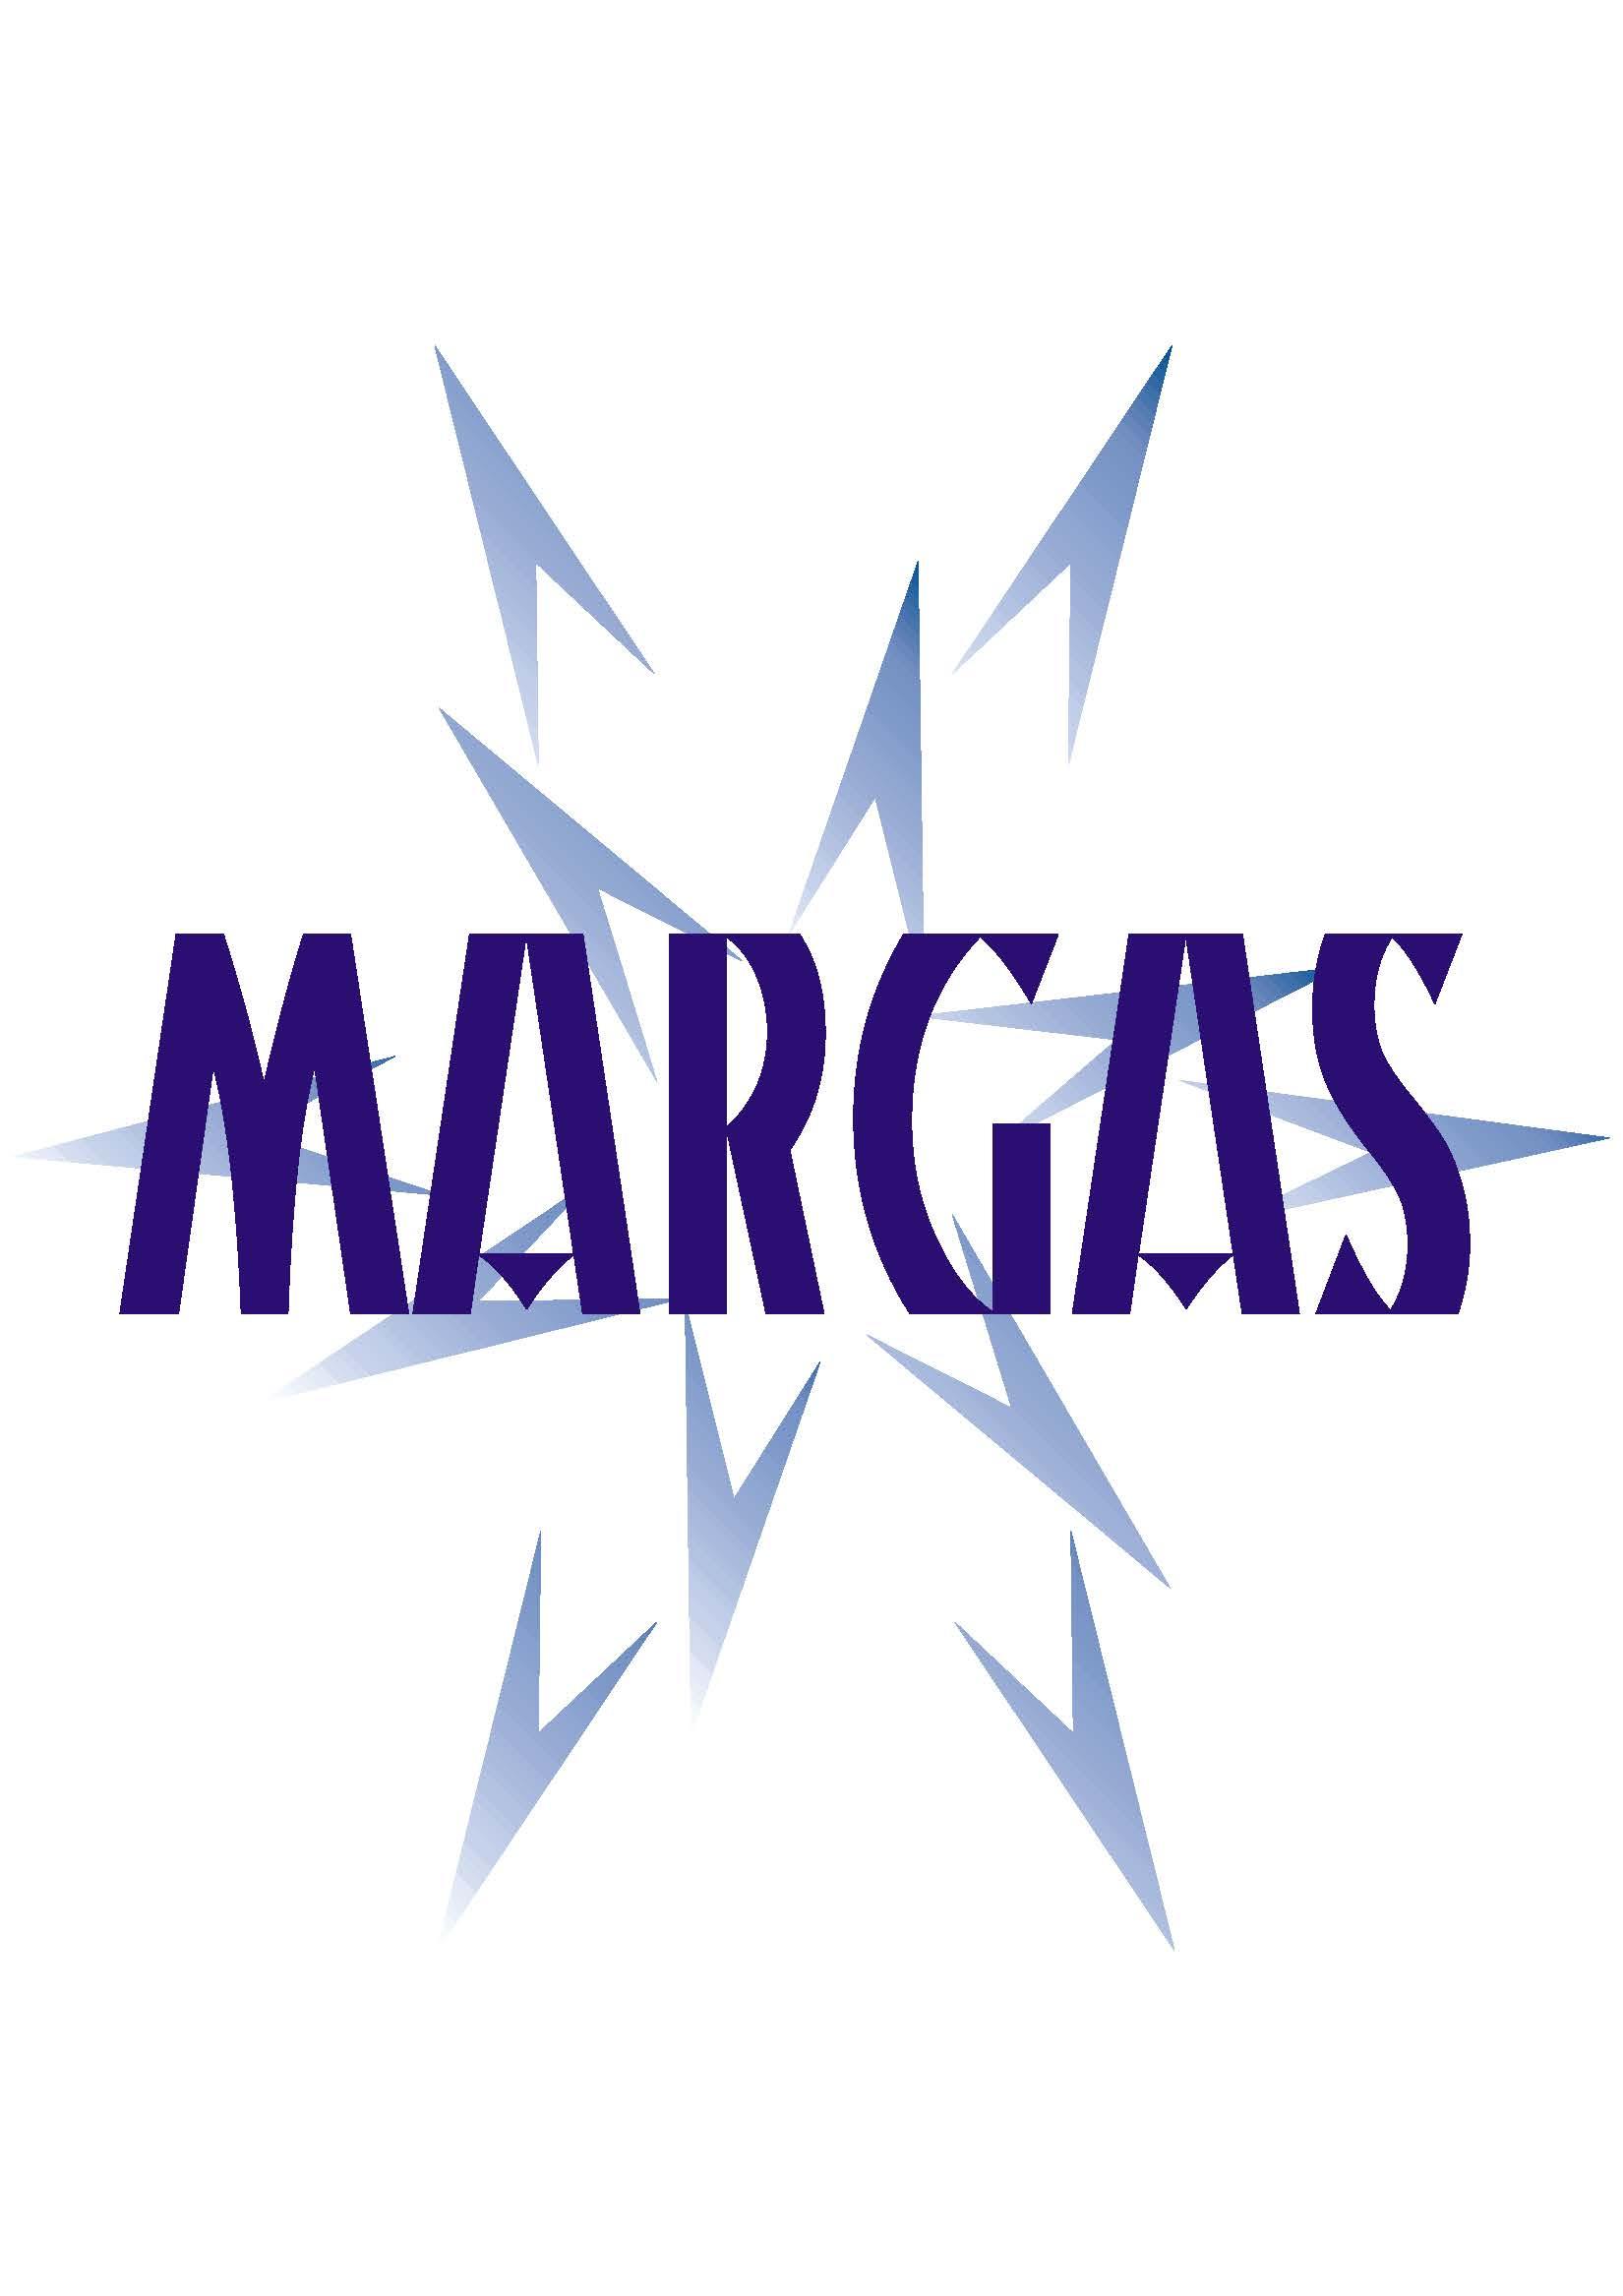 Margas